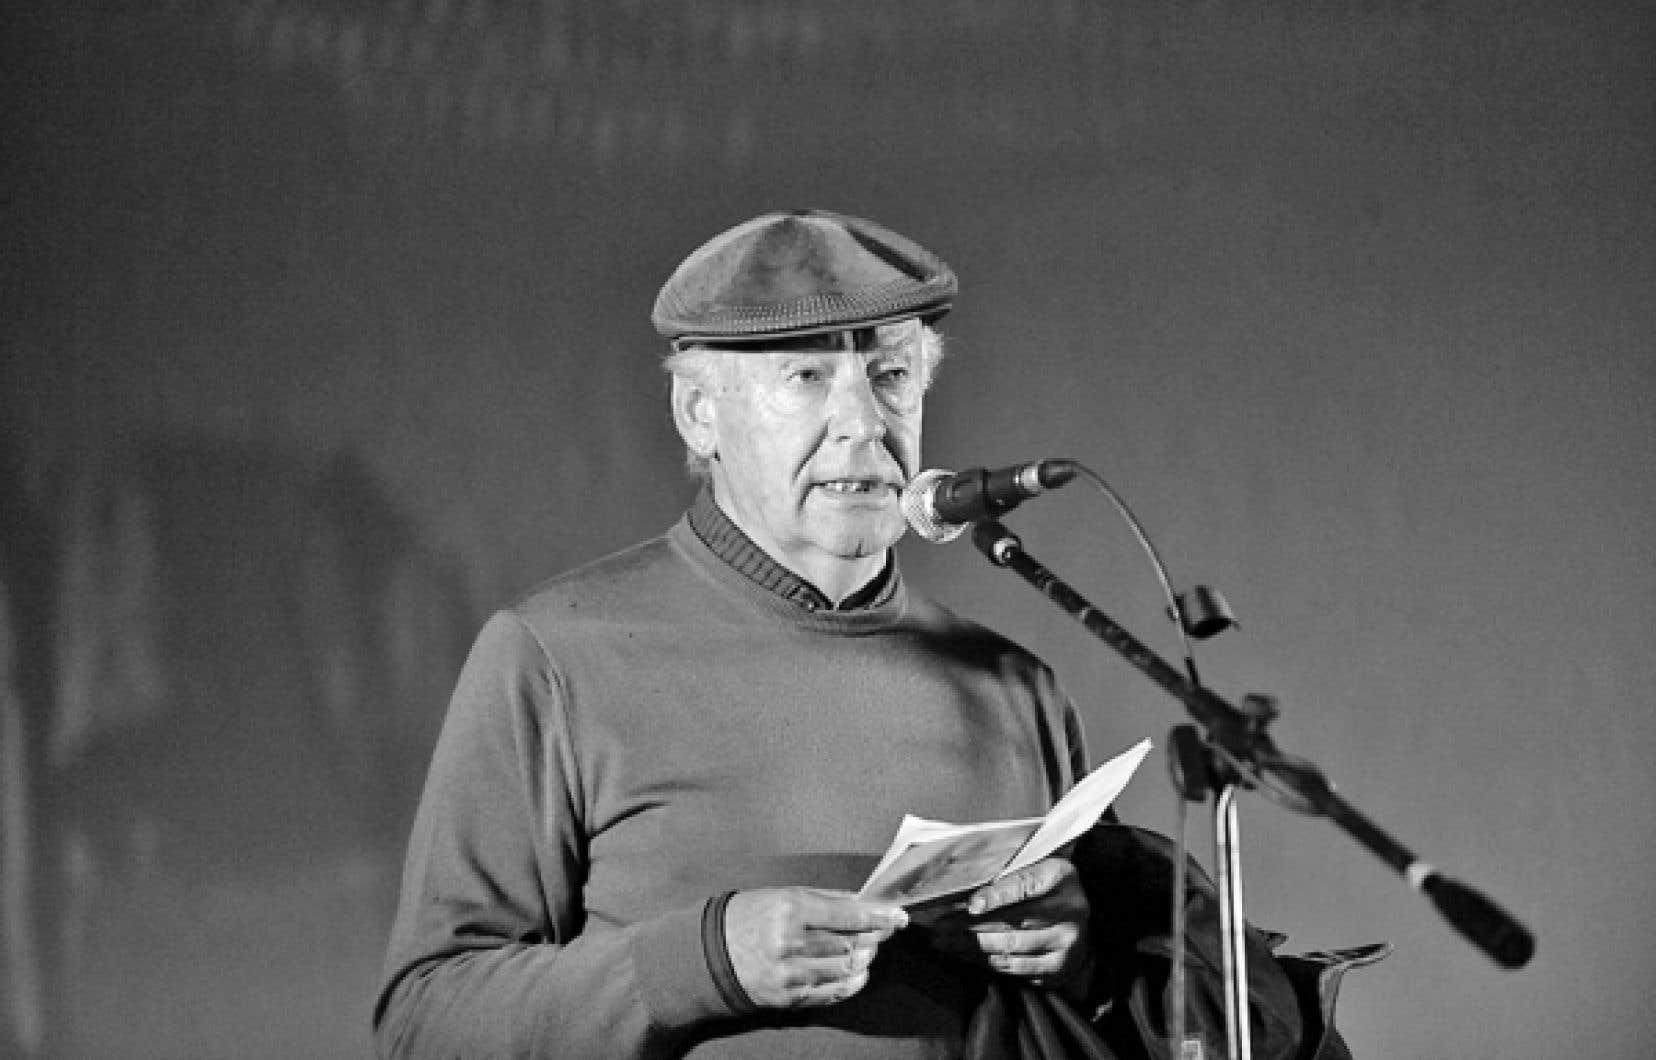 L'écrivain uruguayen Eduardo Galeano photographié en octobre 2009, lors d'un discours prononcé à Montevideo<br />